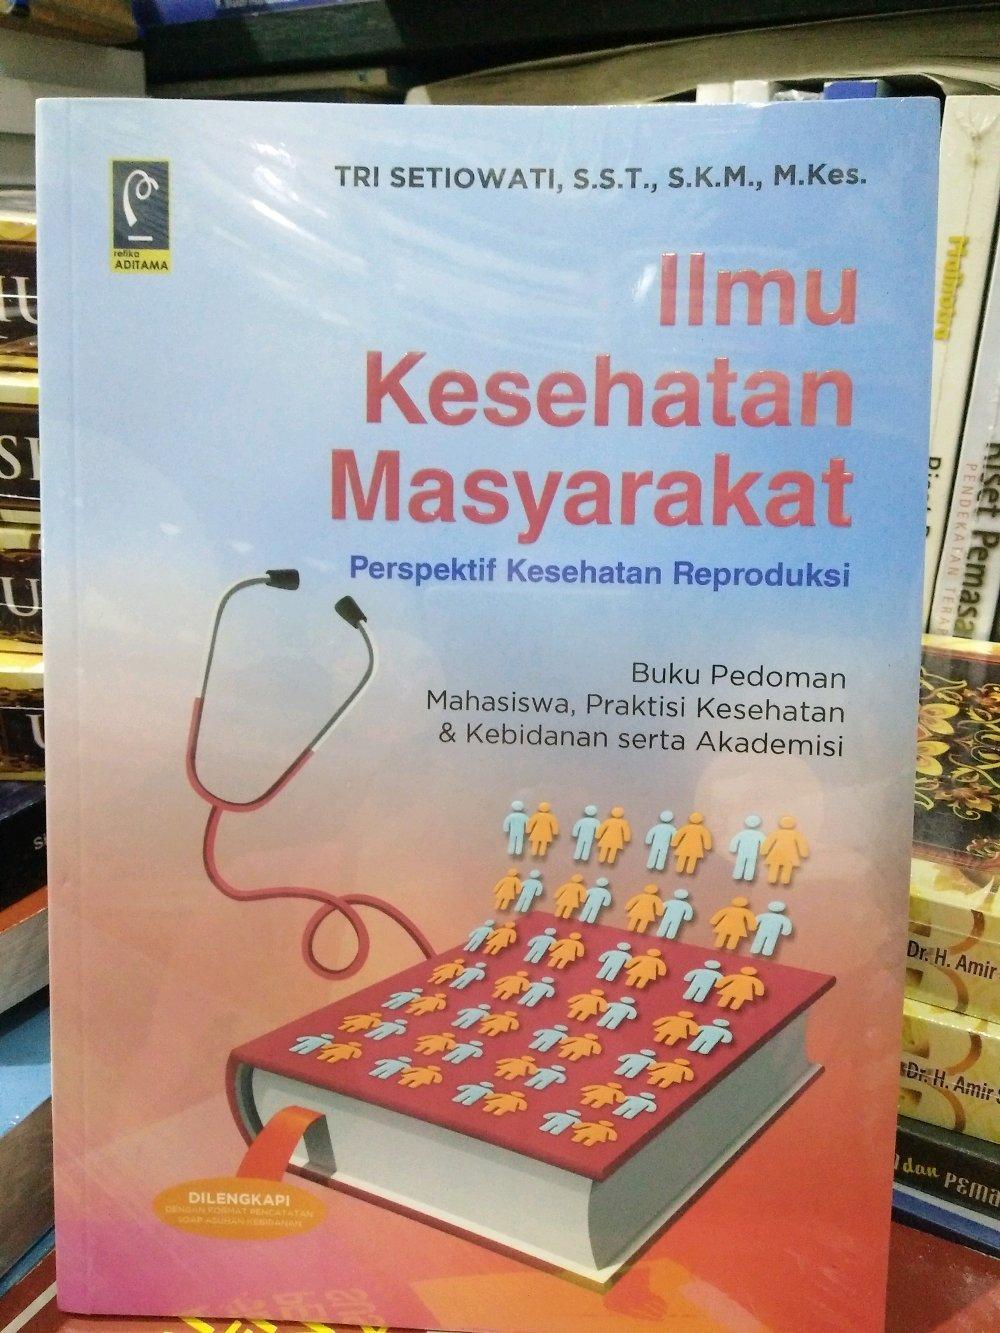 Buku Ilmu Kesehatan Masyarakat: Perspektif Kesehatan Reproduksi - Tri Setiowati